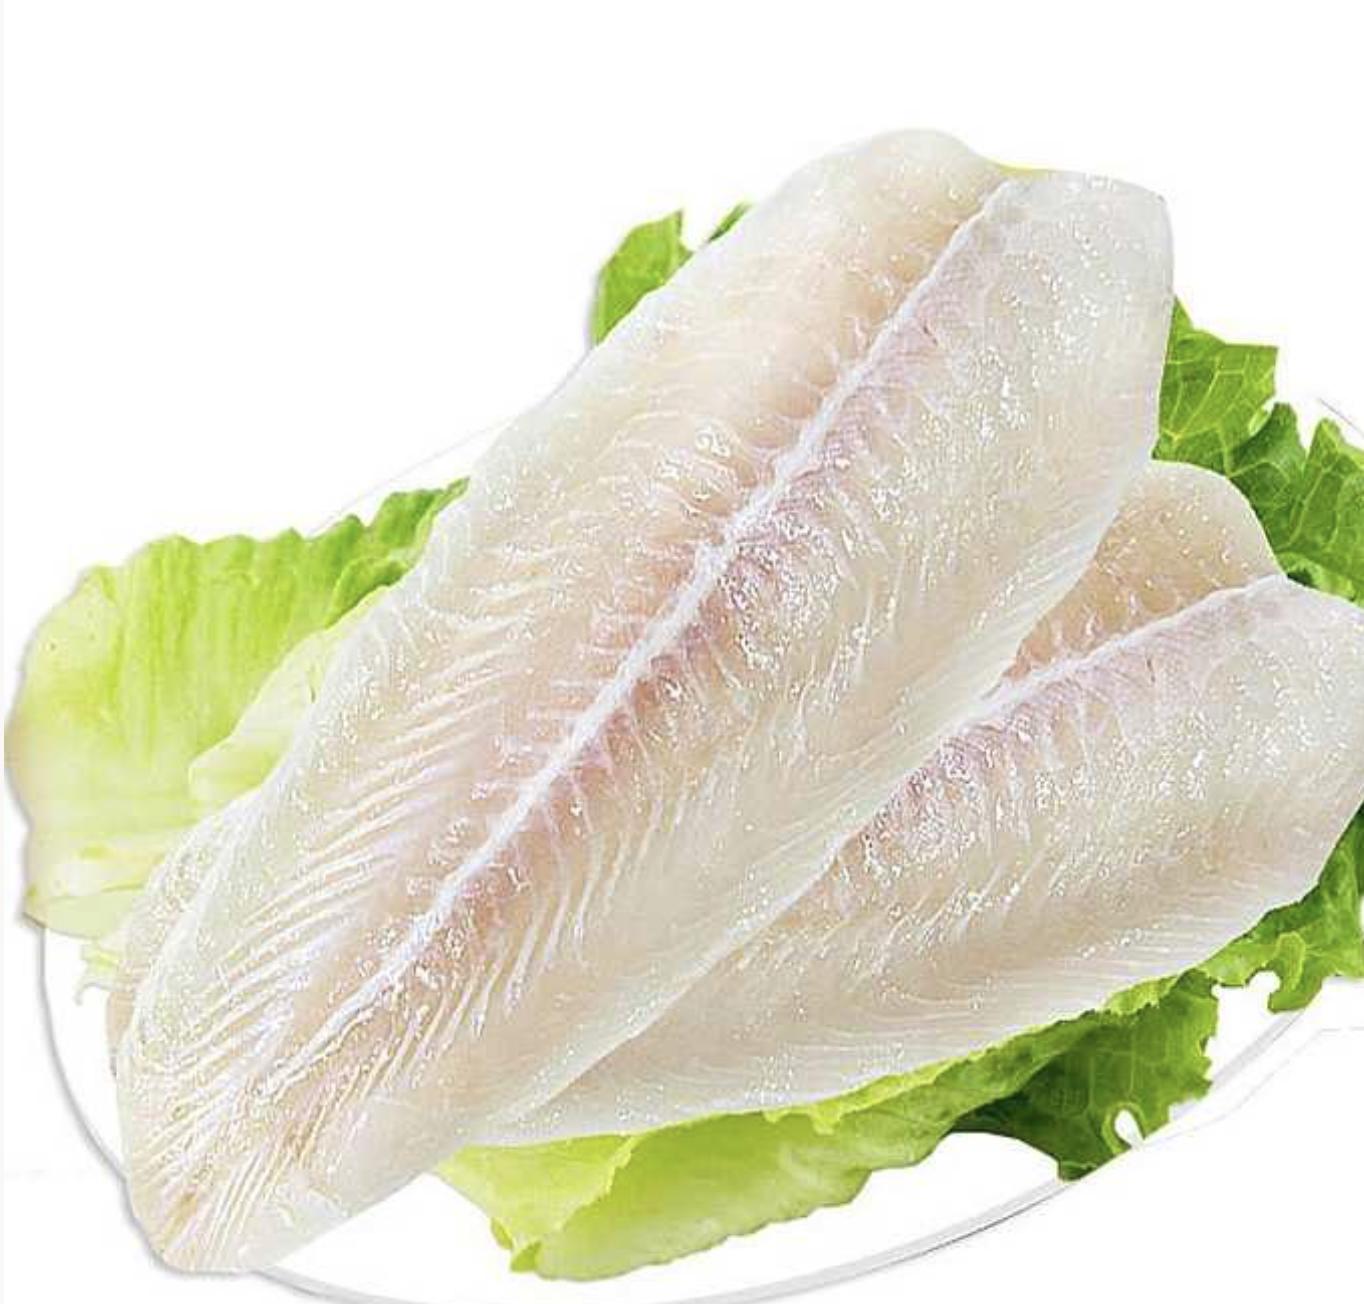 龙利鱼片 4pc /bag Swai Fish Fillet 4pc /bag